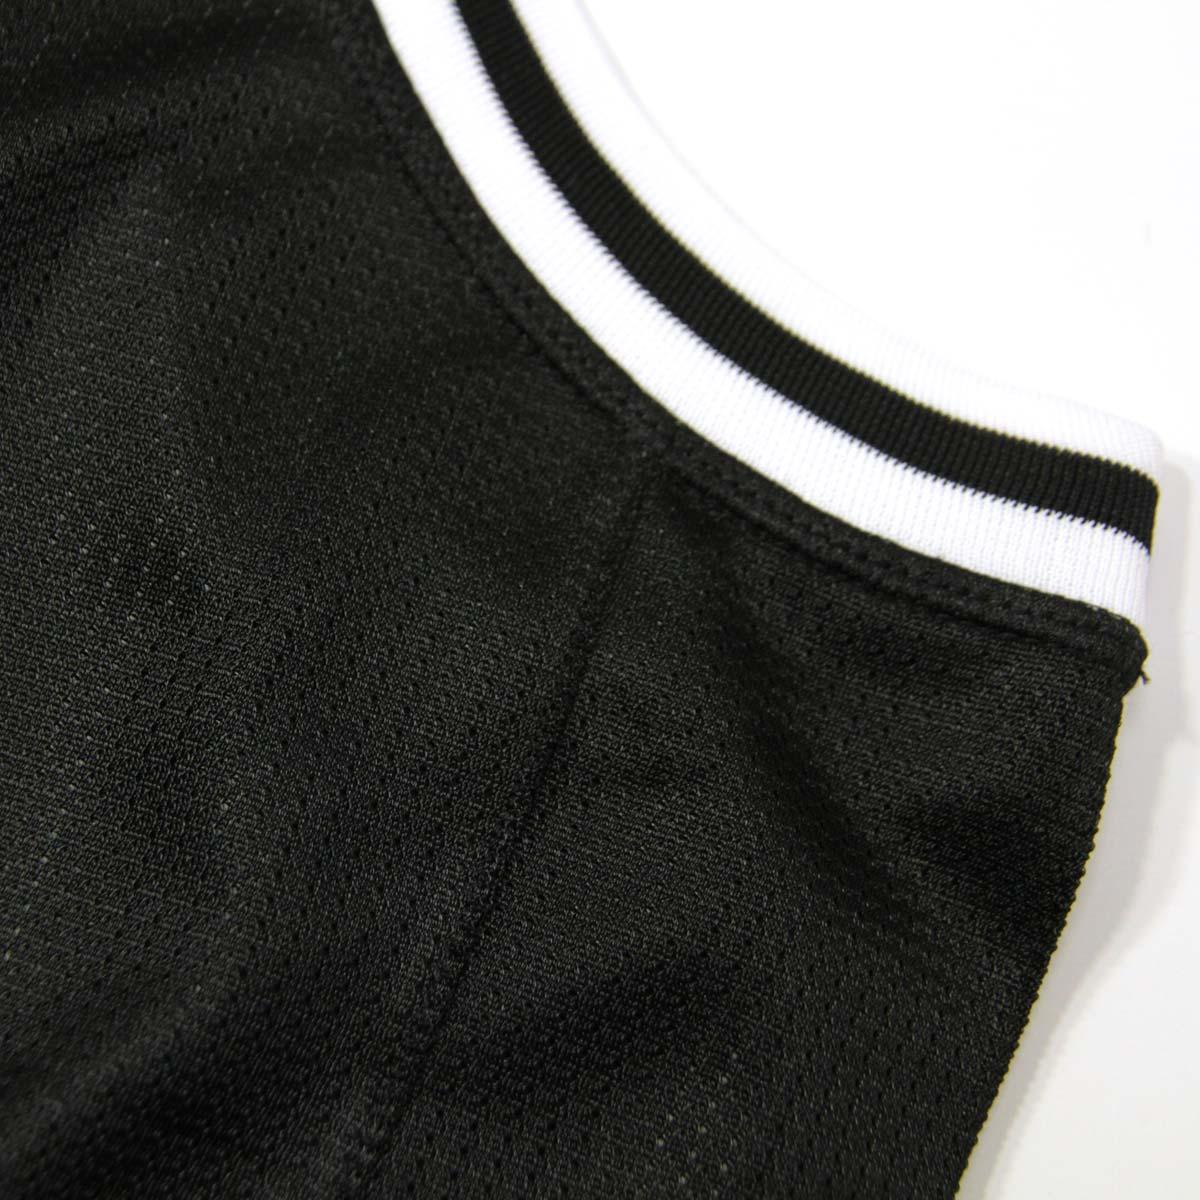 チャンピオン CHAMPION 正規品 メンズ タンクトップ TANK TOP T8831 City Mesh Jersey 003-BLACK